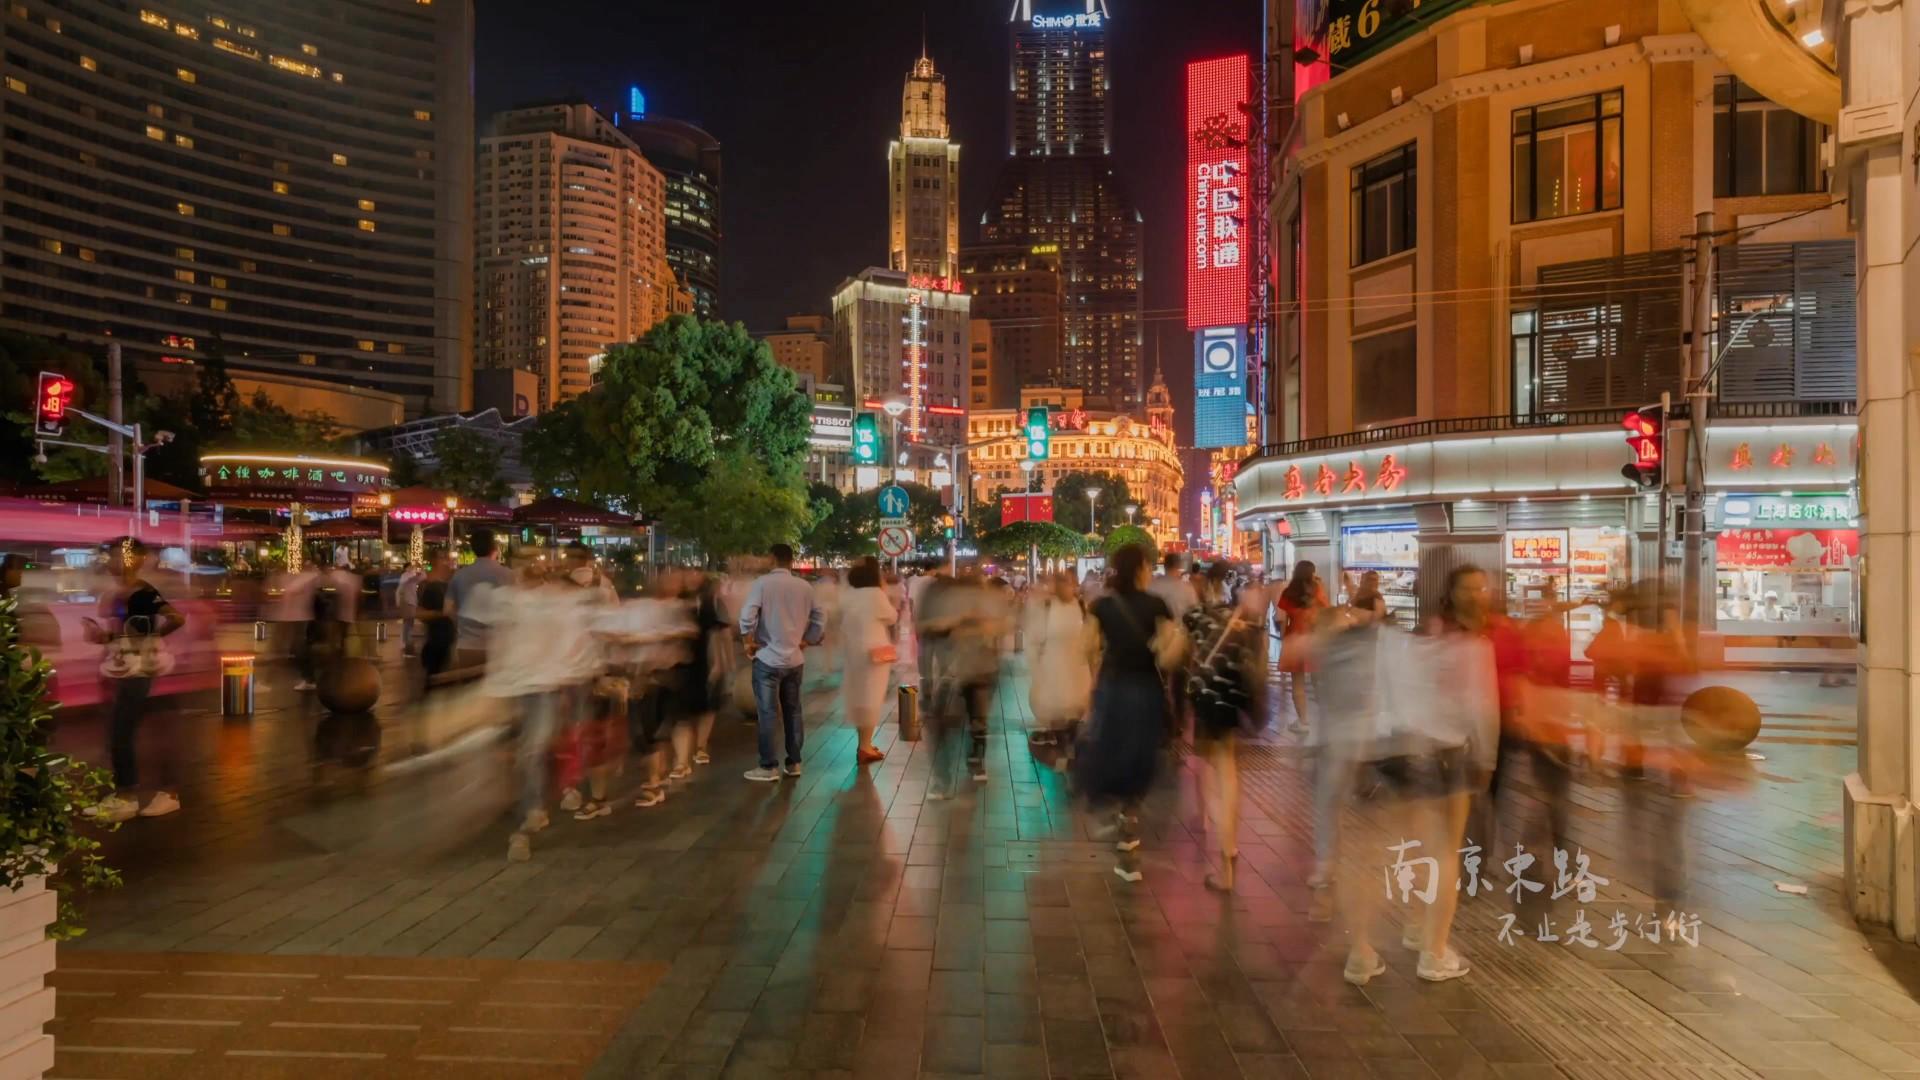 南京东路,不止是步行街V3.mov_20190218_122829.625.jpg